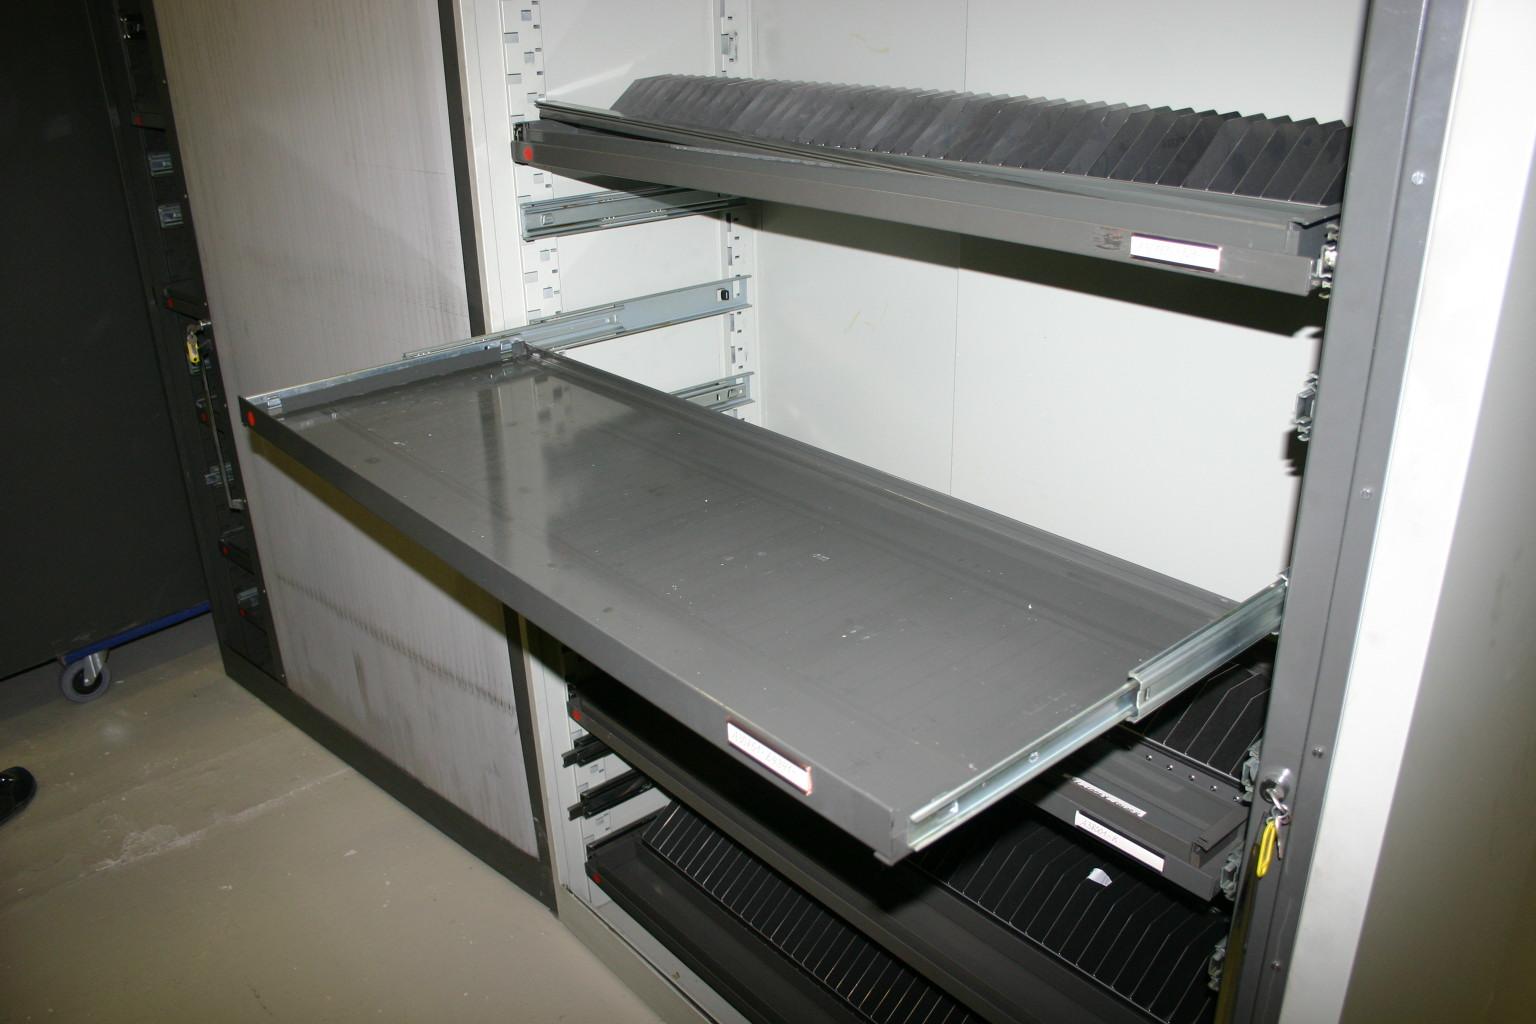 werkzeugschrank metallschrank blechschrank mit ausz gen h ngeregisterschr nke schr nke. Black Bedroom Furniture Sets. Home Design Ideas